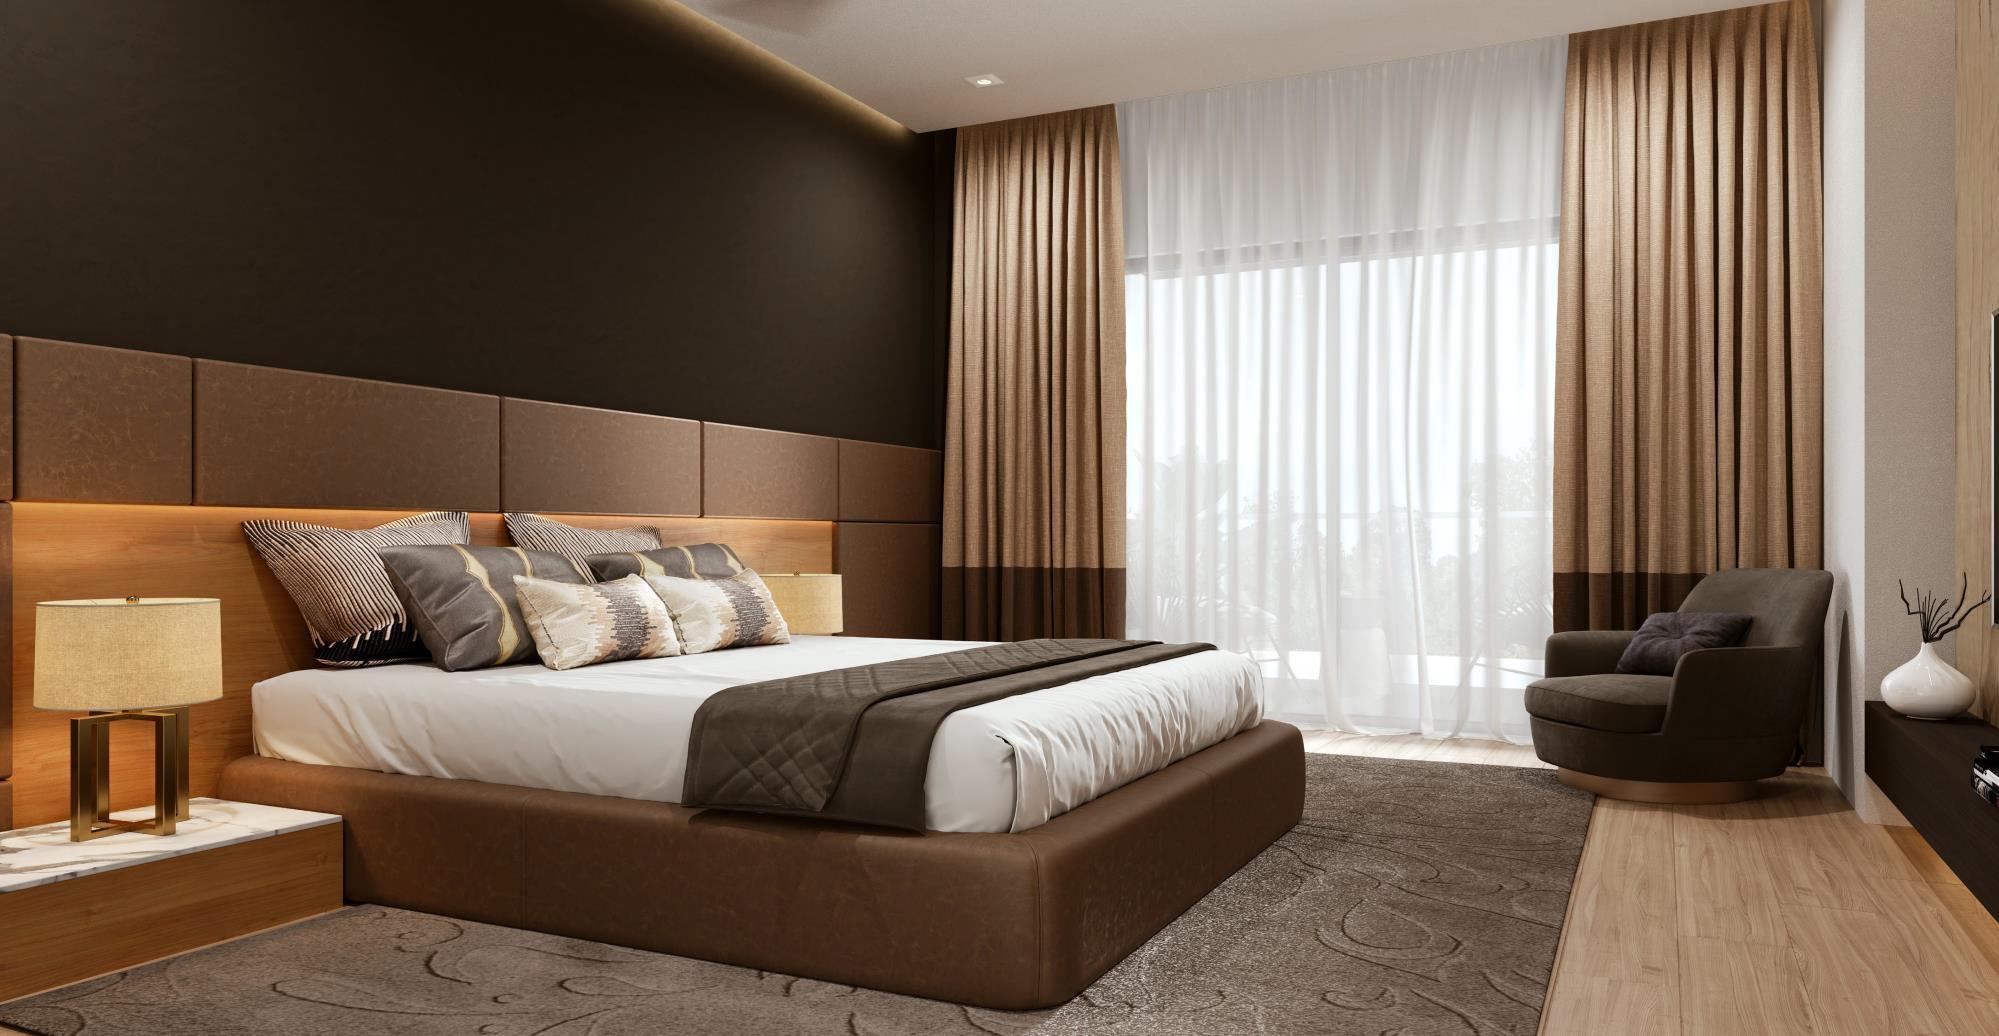 birla navya apartment interiors14